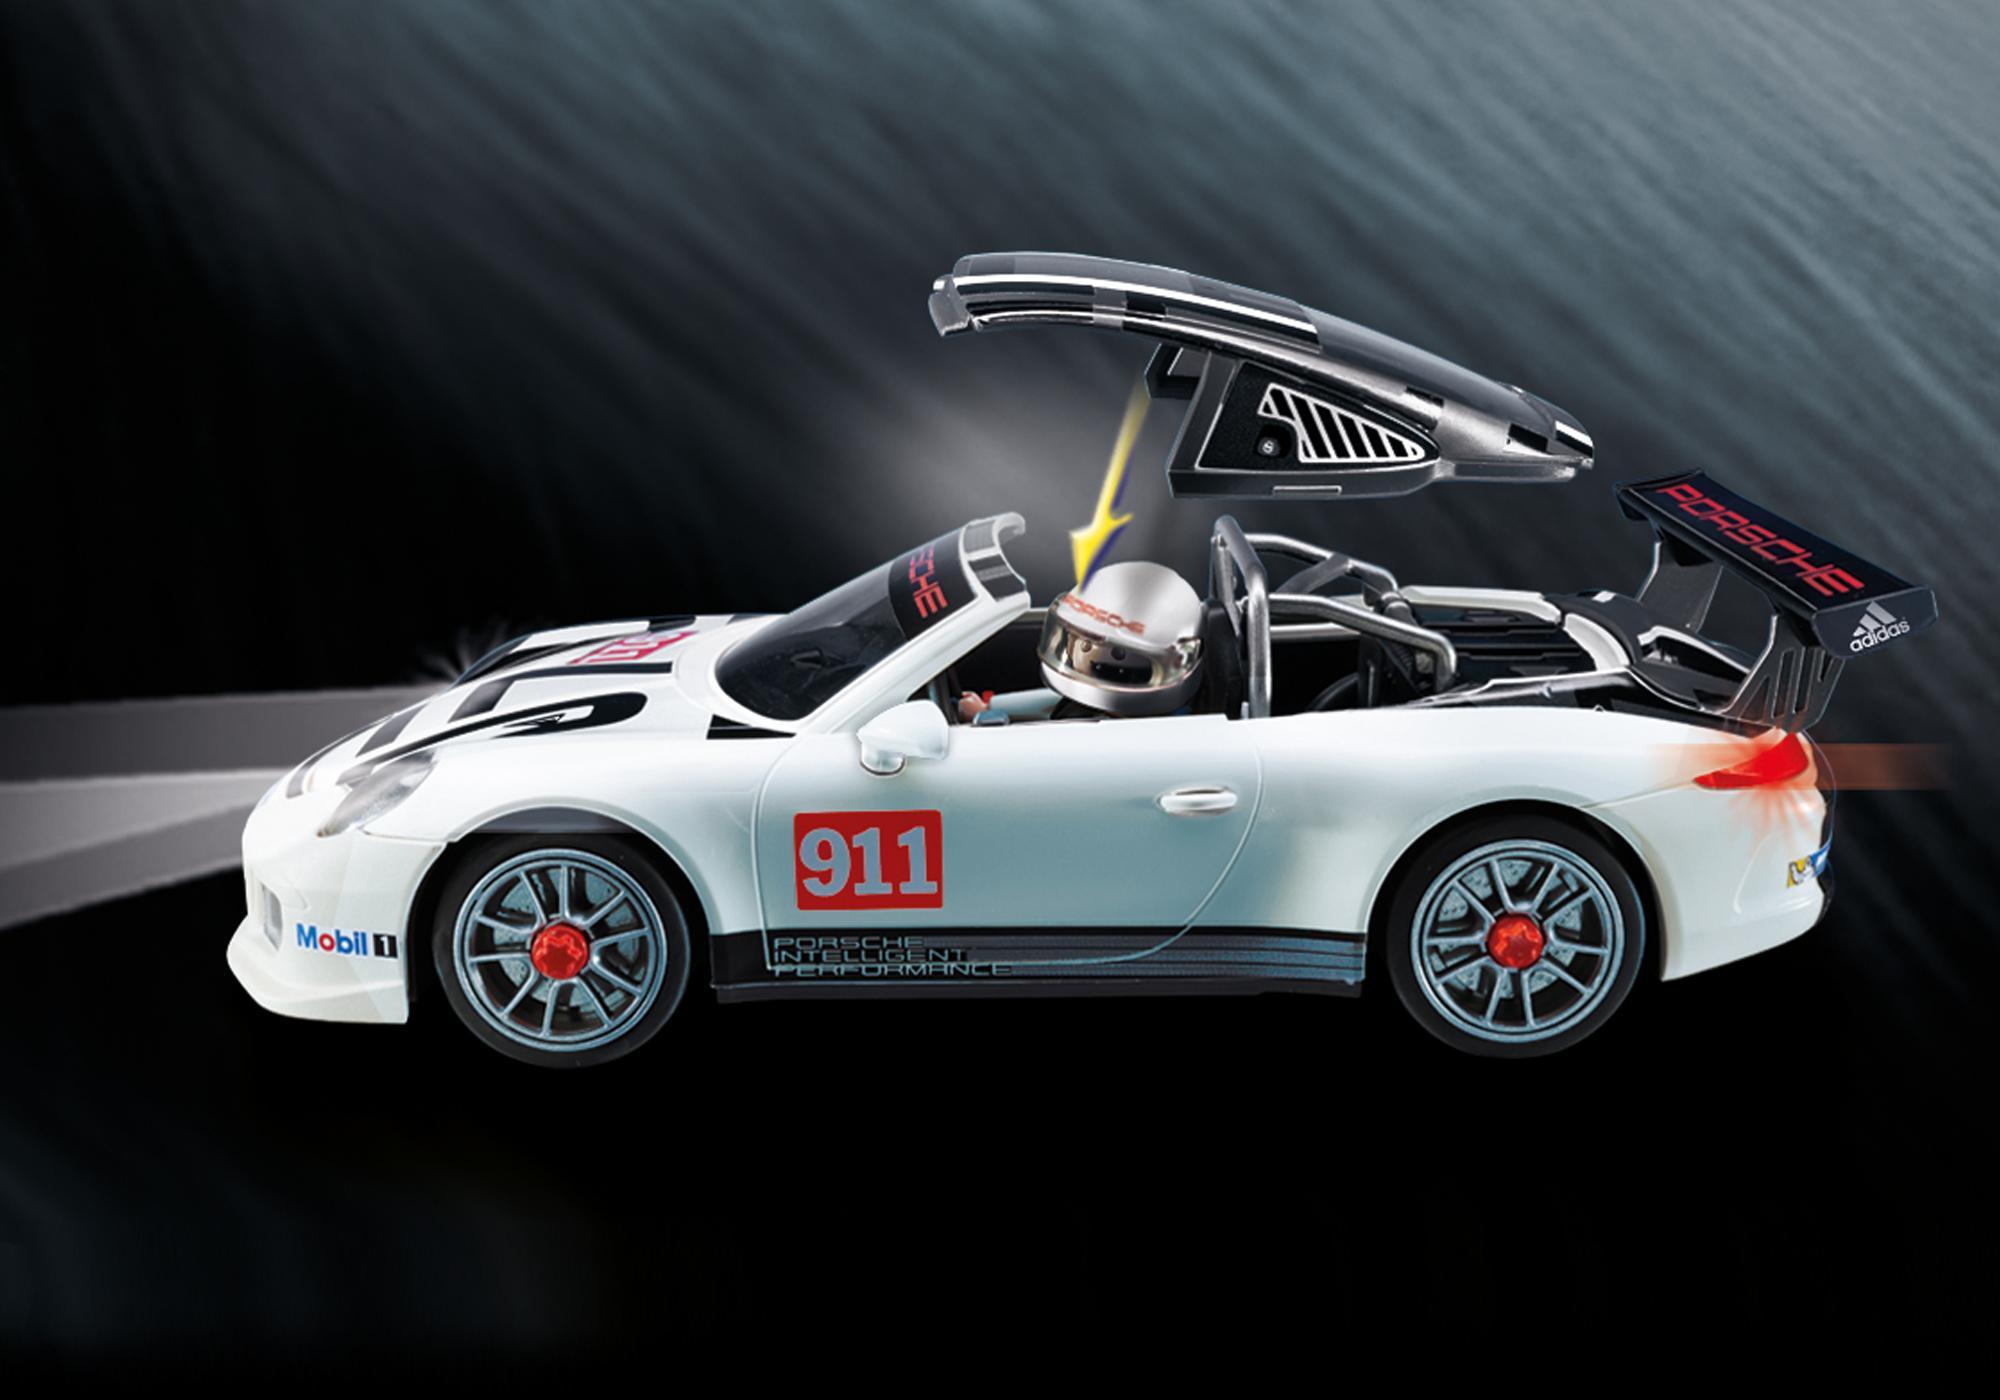 http://media.playmobil.com/i/playmobil/9225_product_extra2/PORSCHE 911 GT3